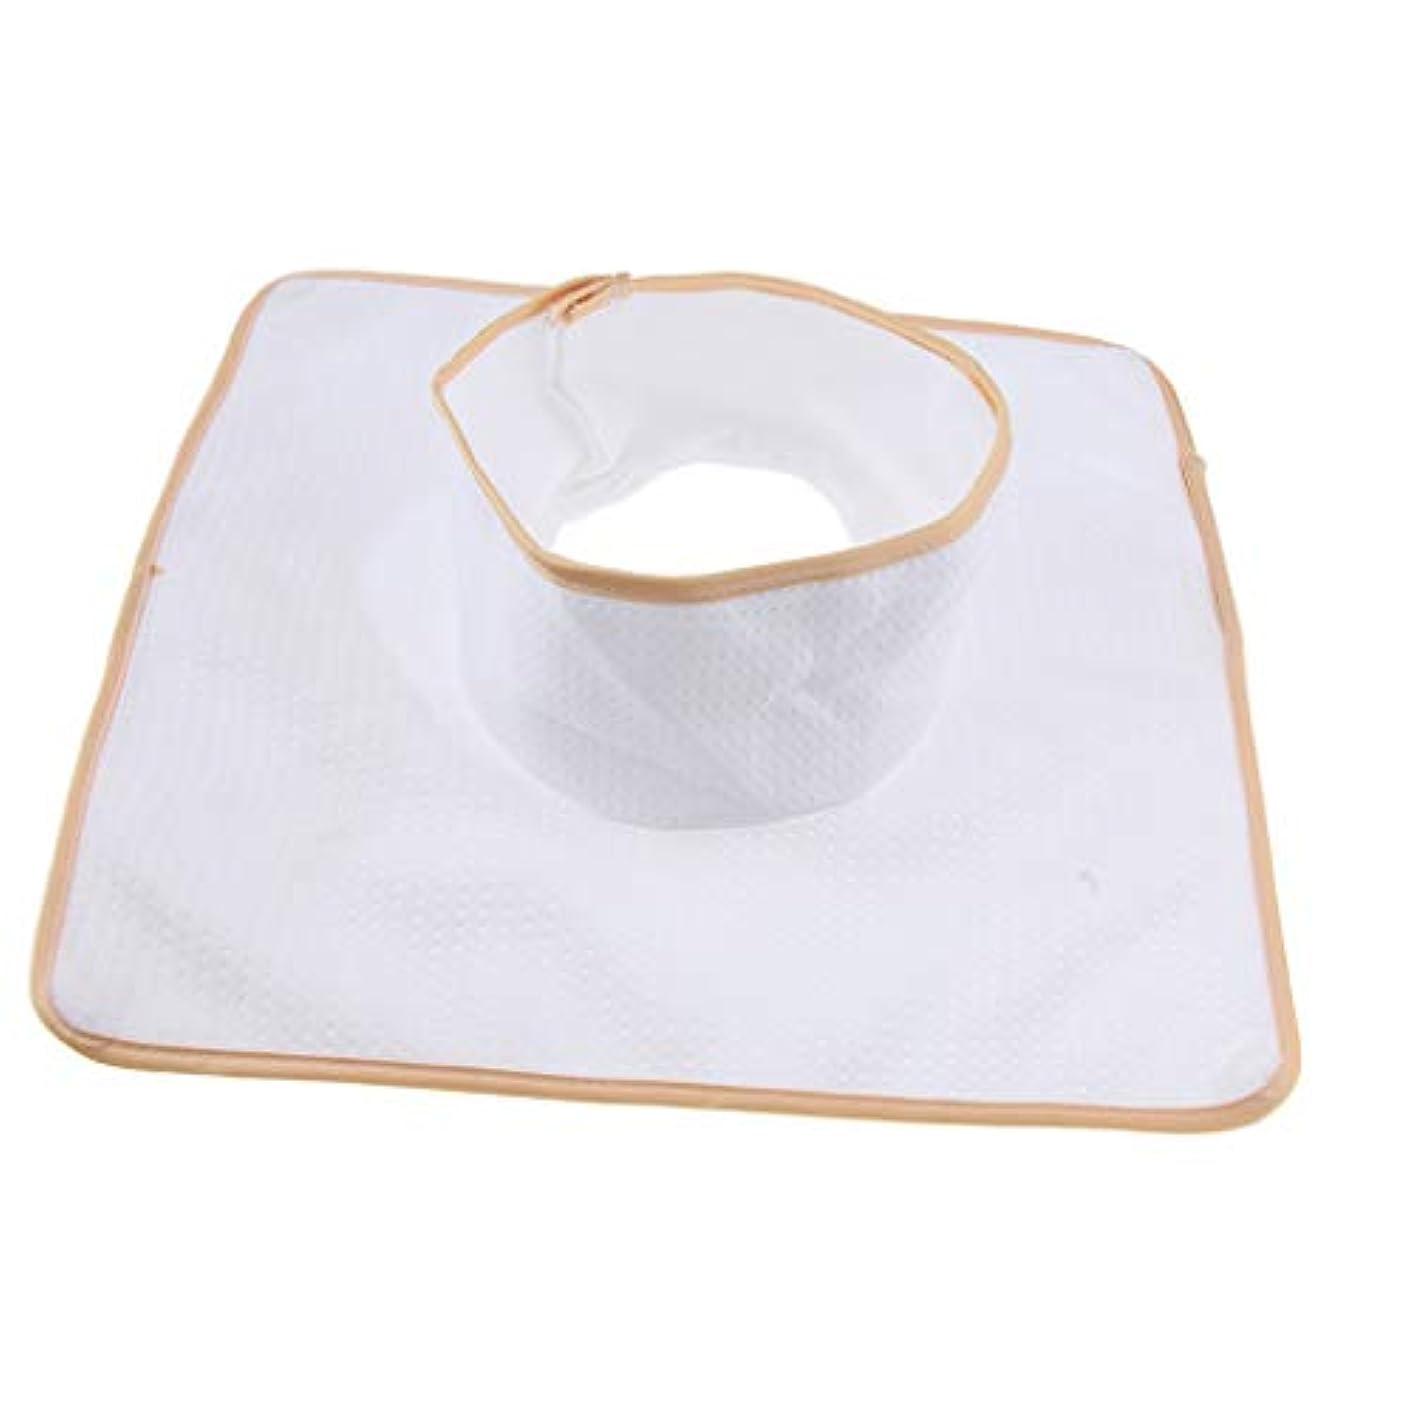 金銭的値する結論マッサージベッド サロンテーブル シート パッド 頭の穴 洗濯可能 約35×35cm 全3色 - 白